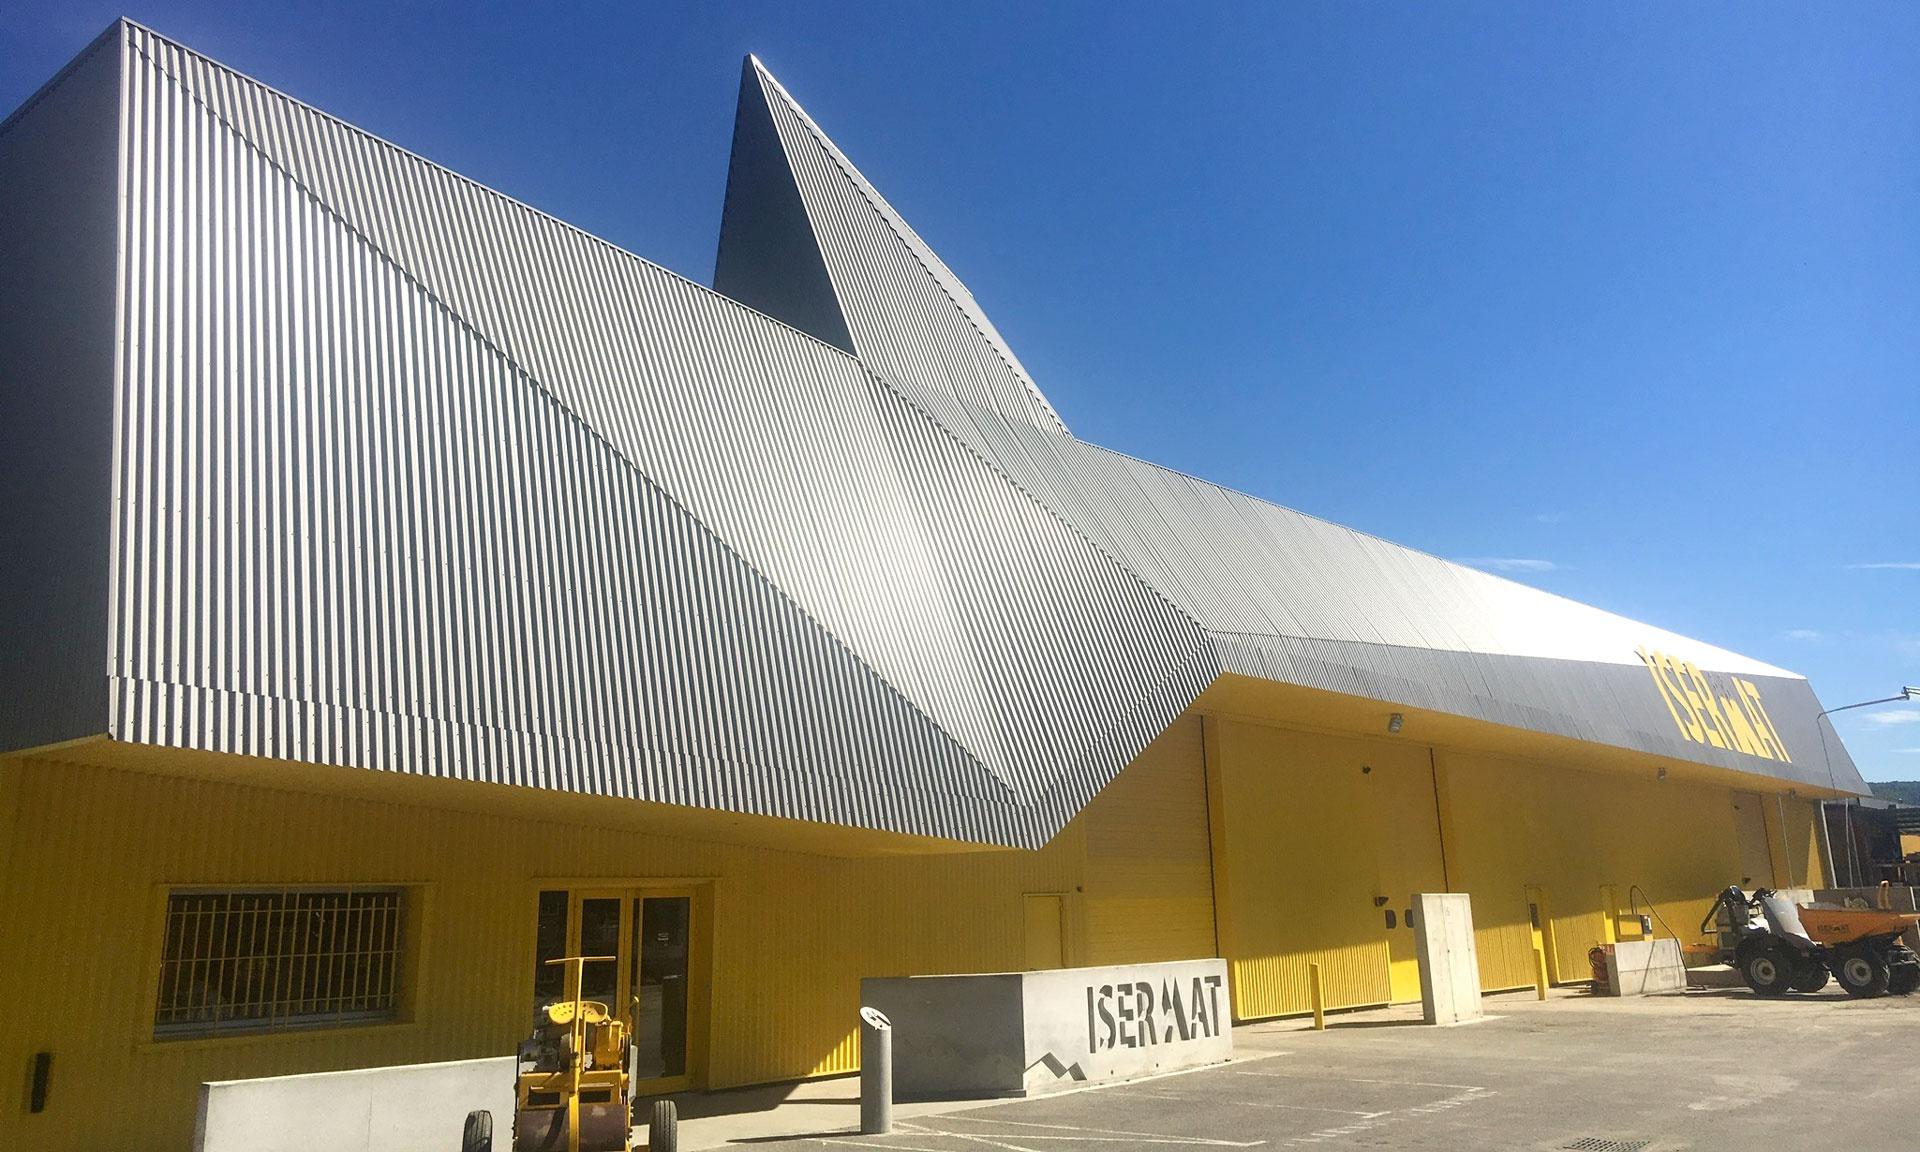 ISERMAT SECAMAT : Location de matériel BTP à Grenoble, agence de Saint-Martin d'Hères